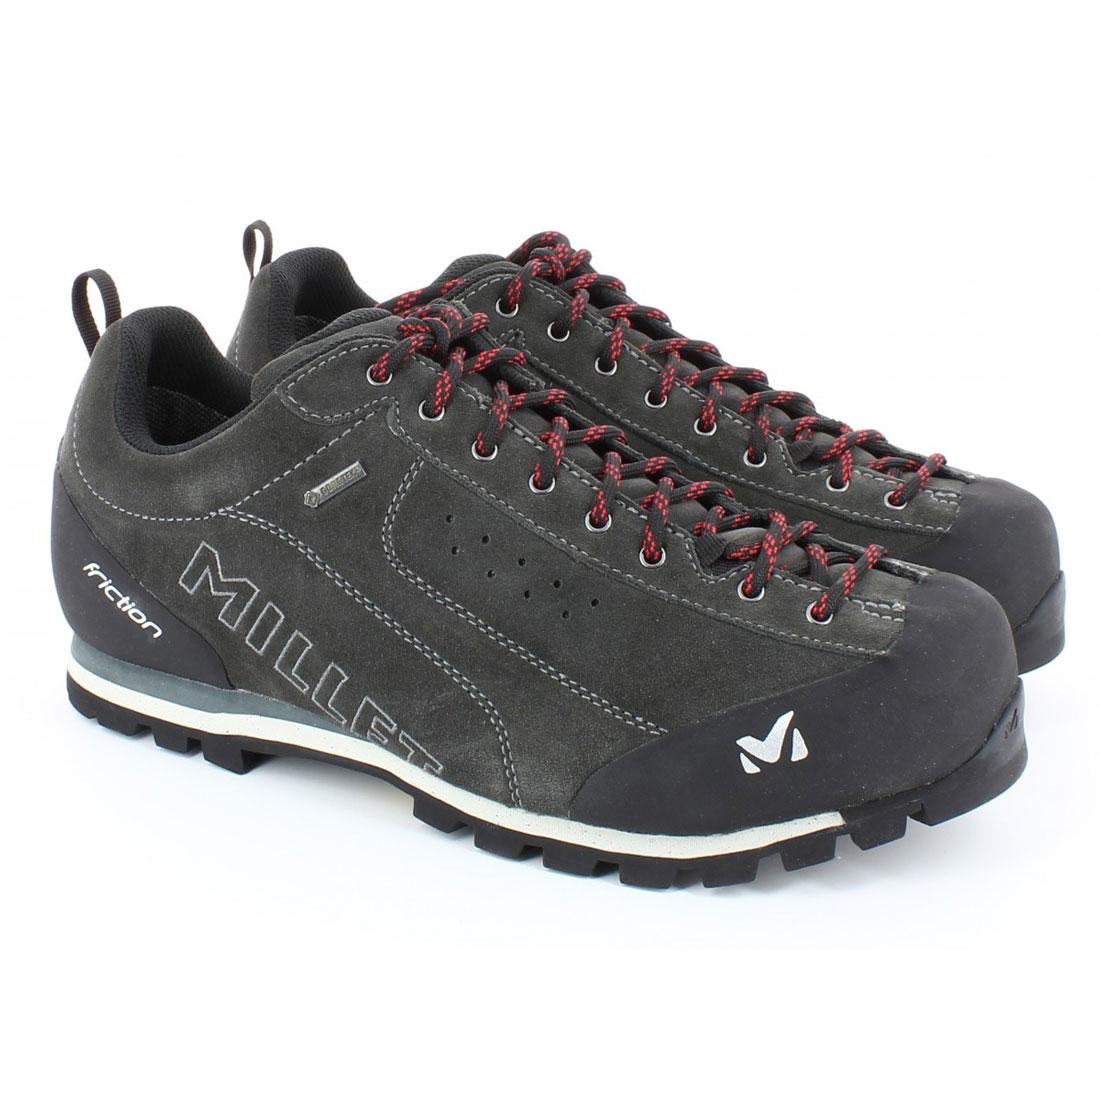 Les chaussures de randonnée Millet Friction GTX.